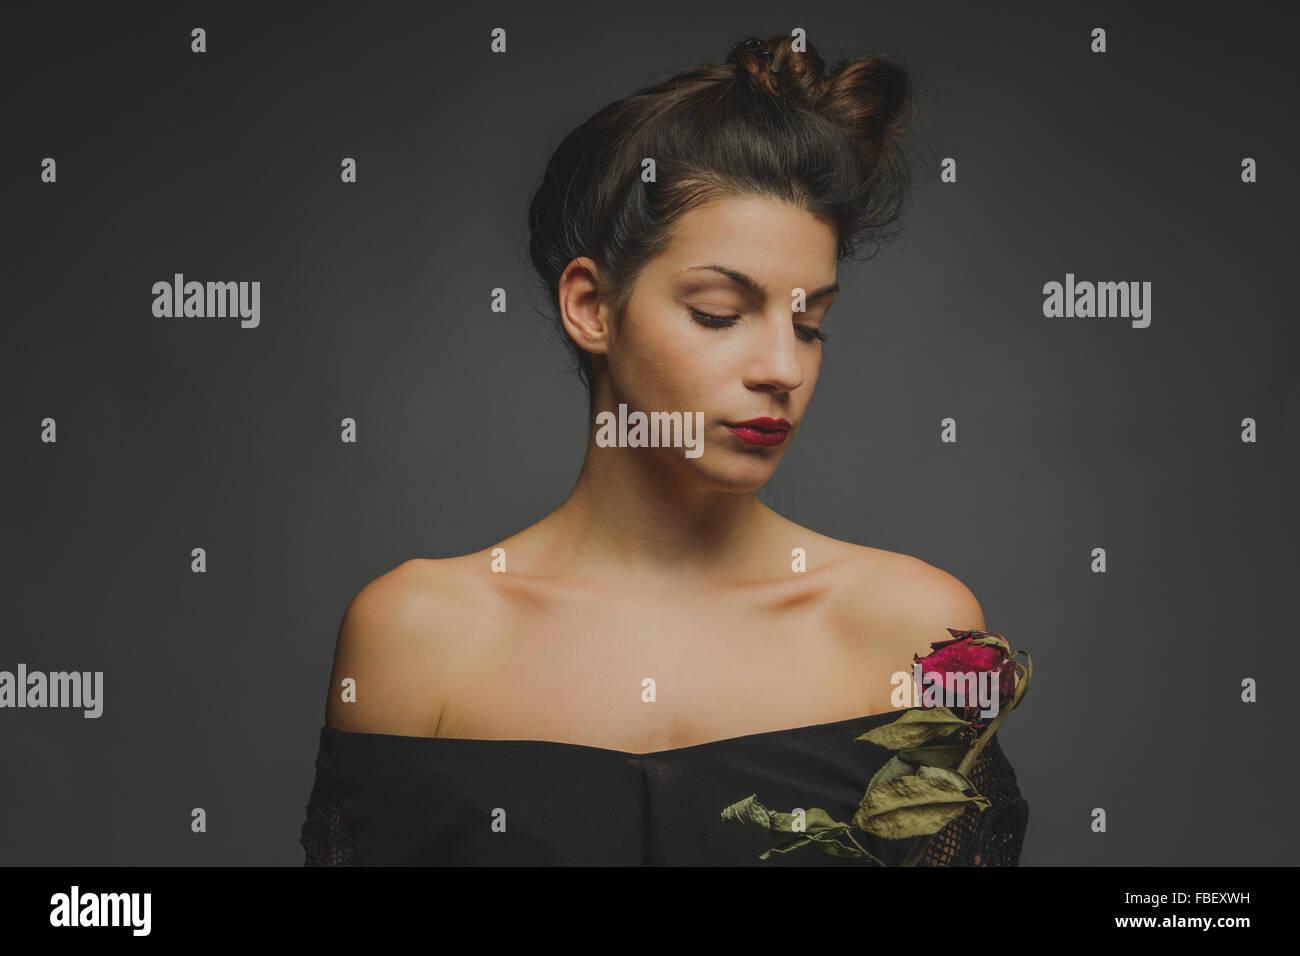 Beau jeune mannequin à la Rose Rouge à l'arrière-plan gris contre Photo Stock